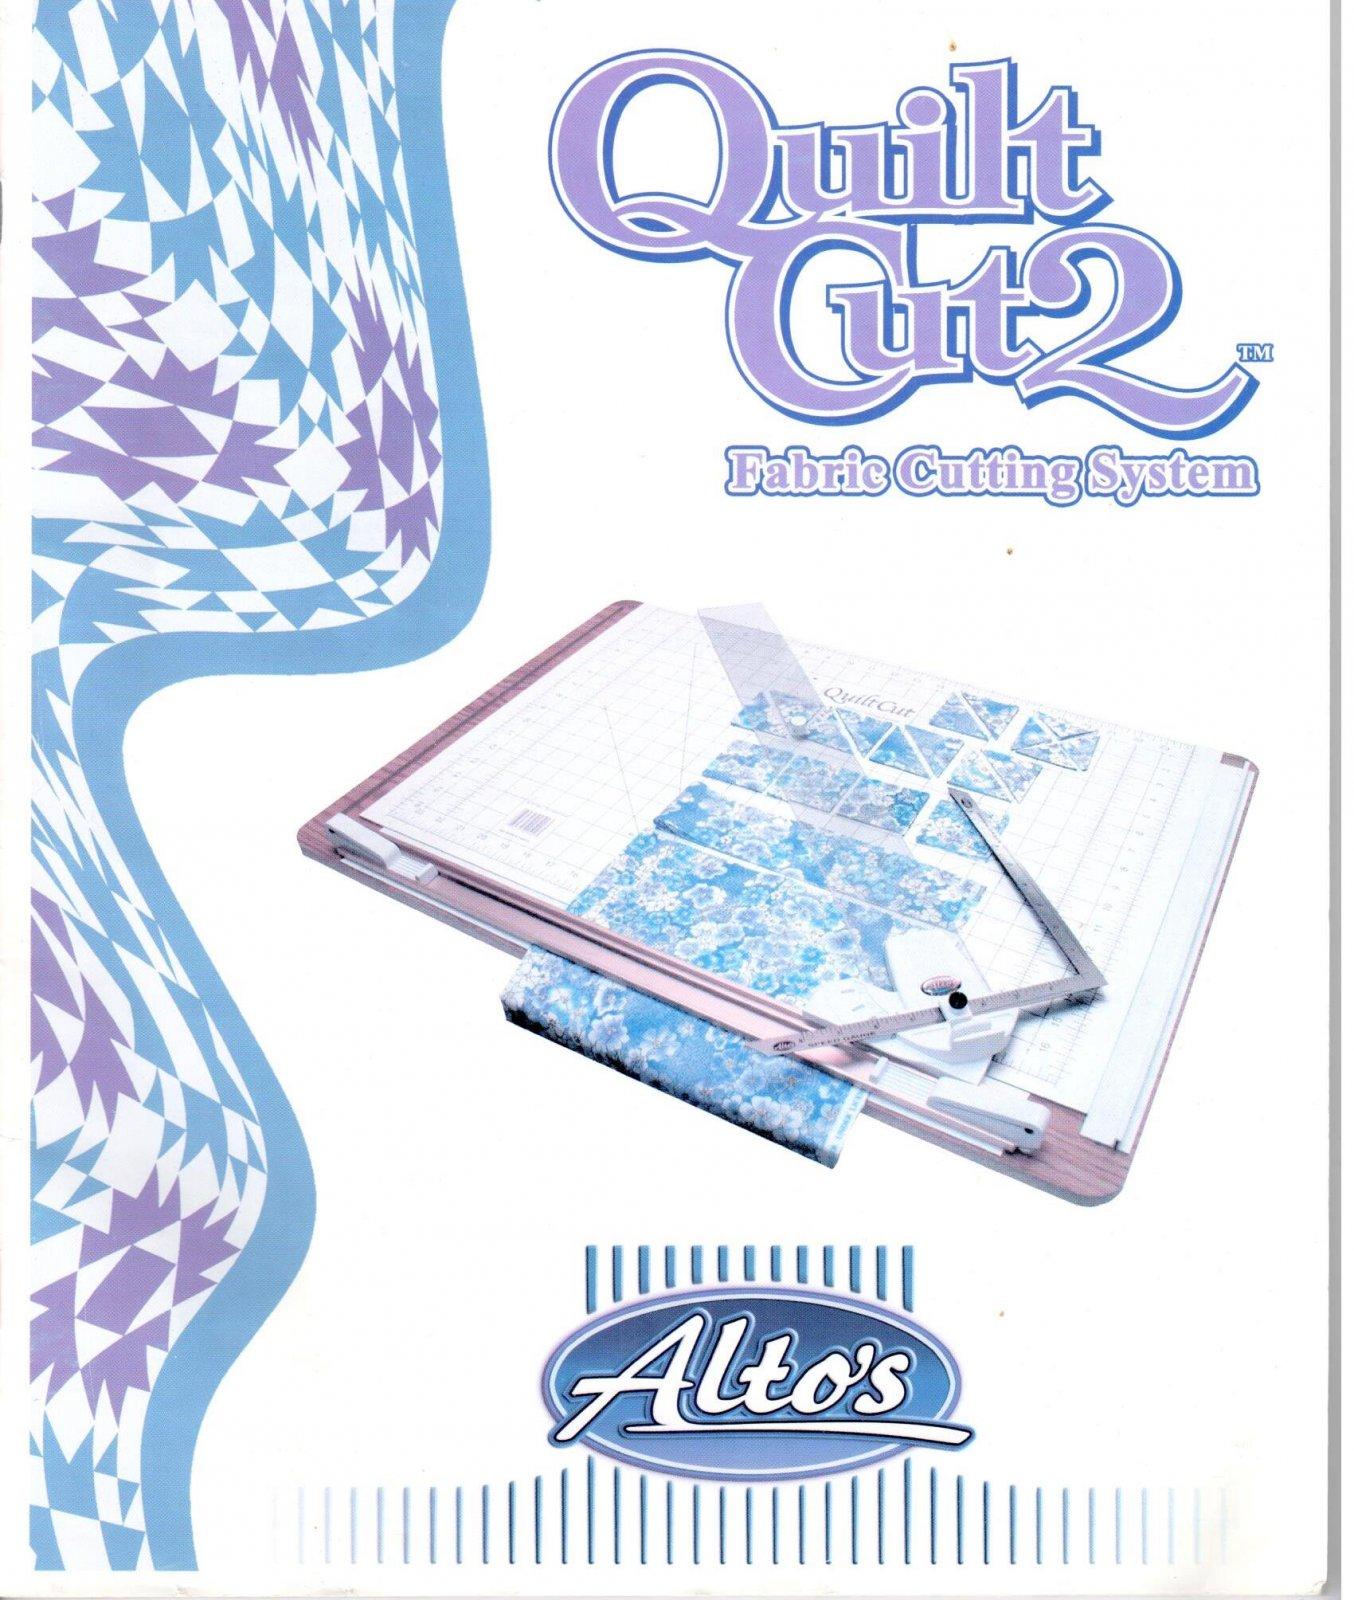 Alto's Quilt Cut 2